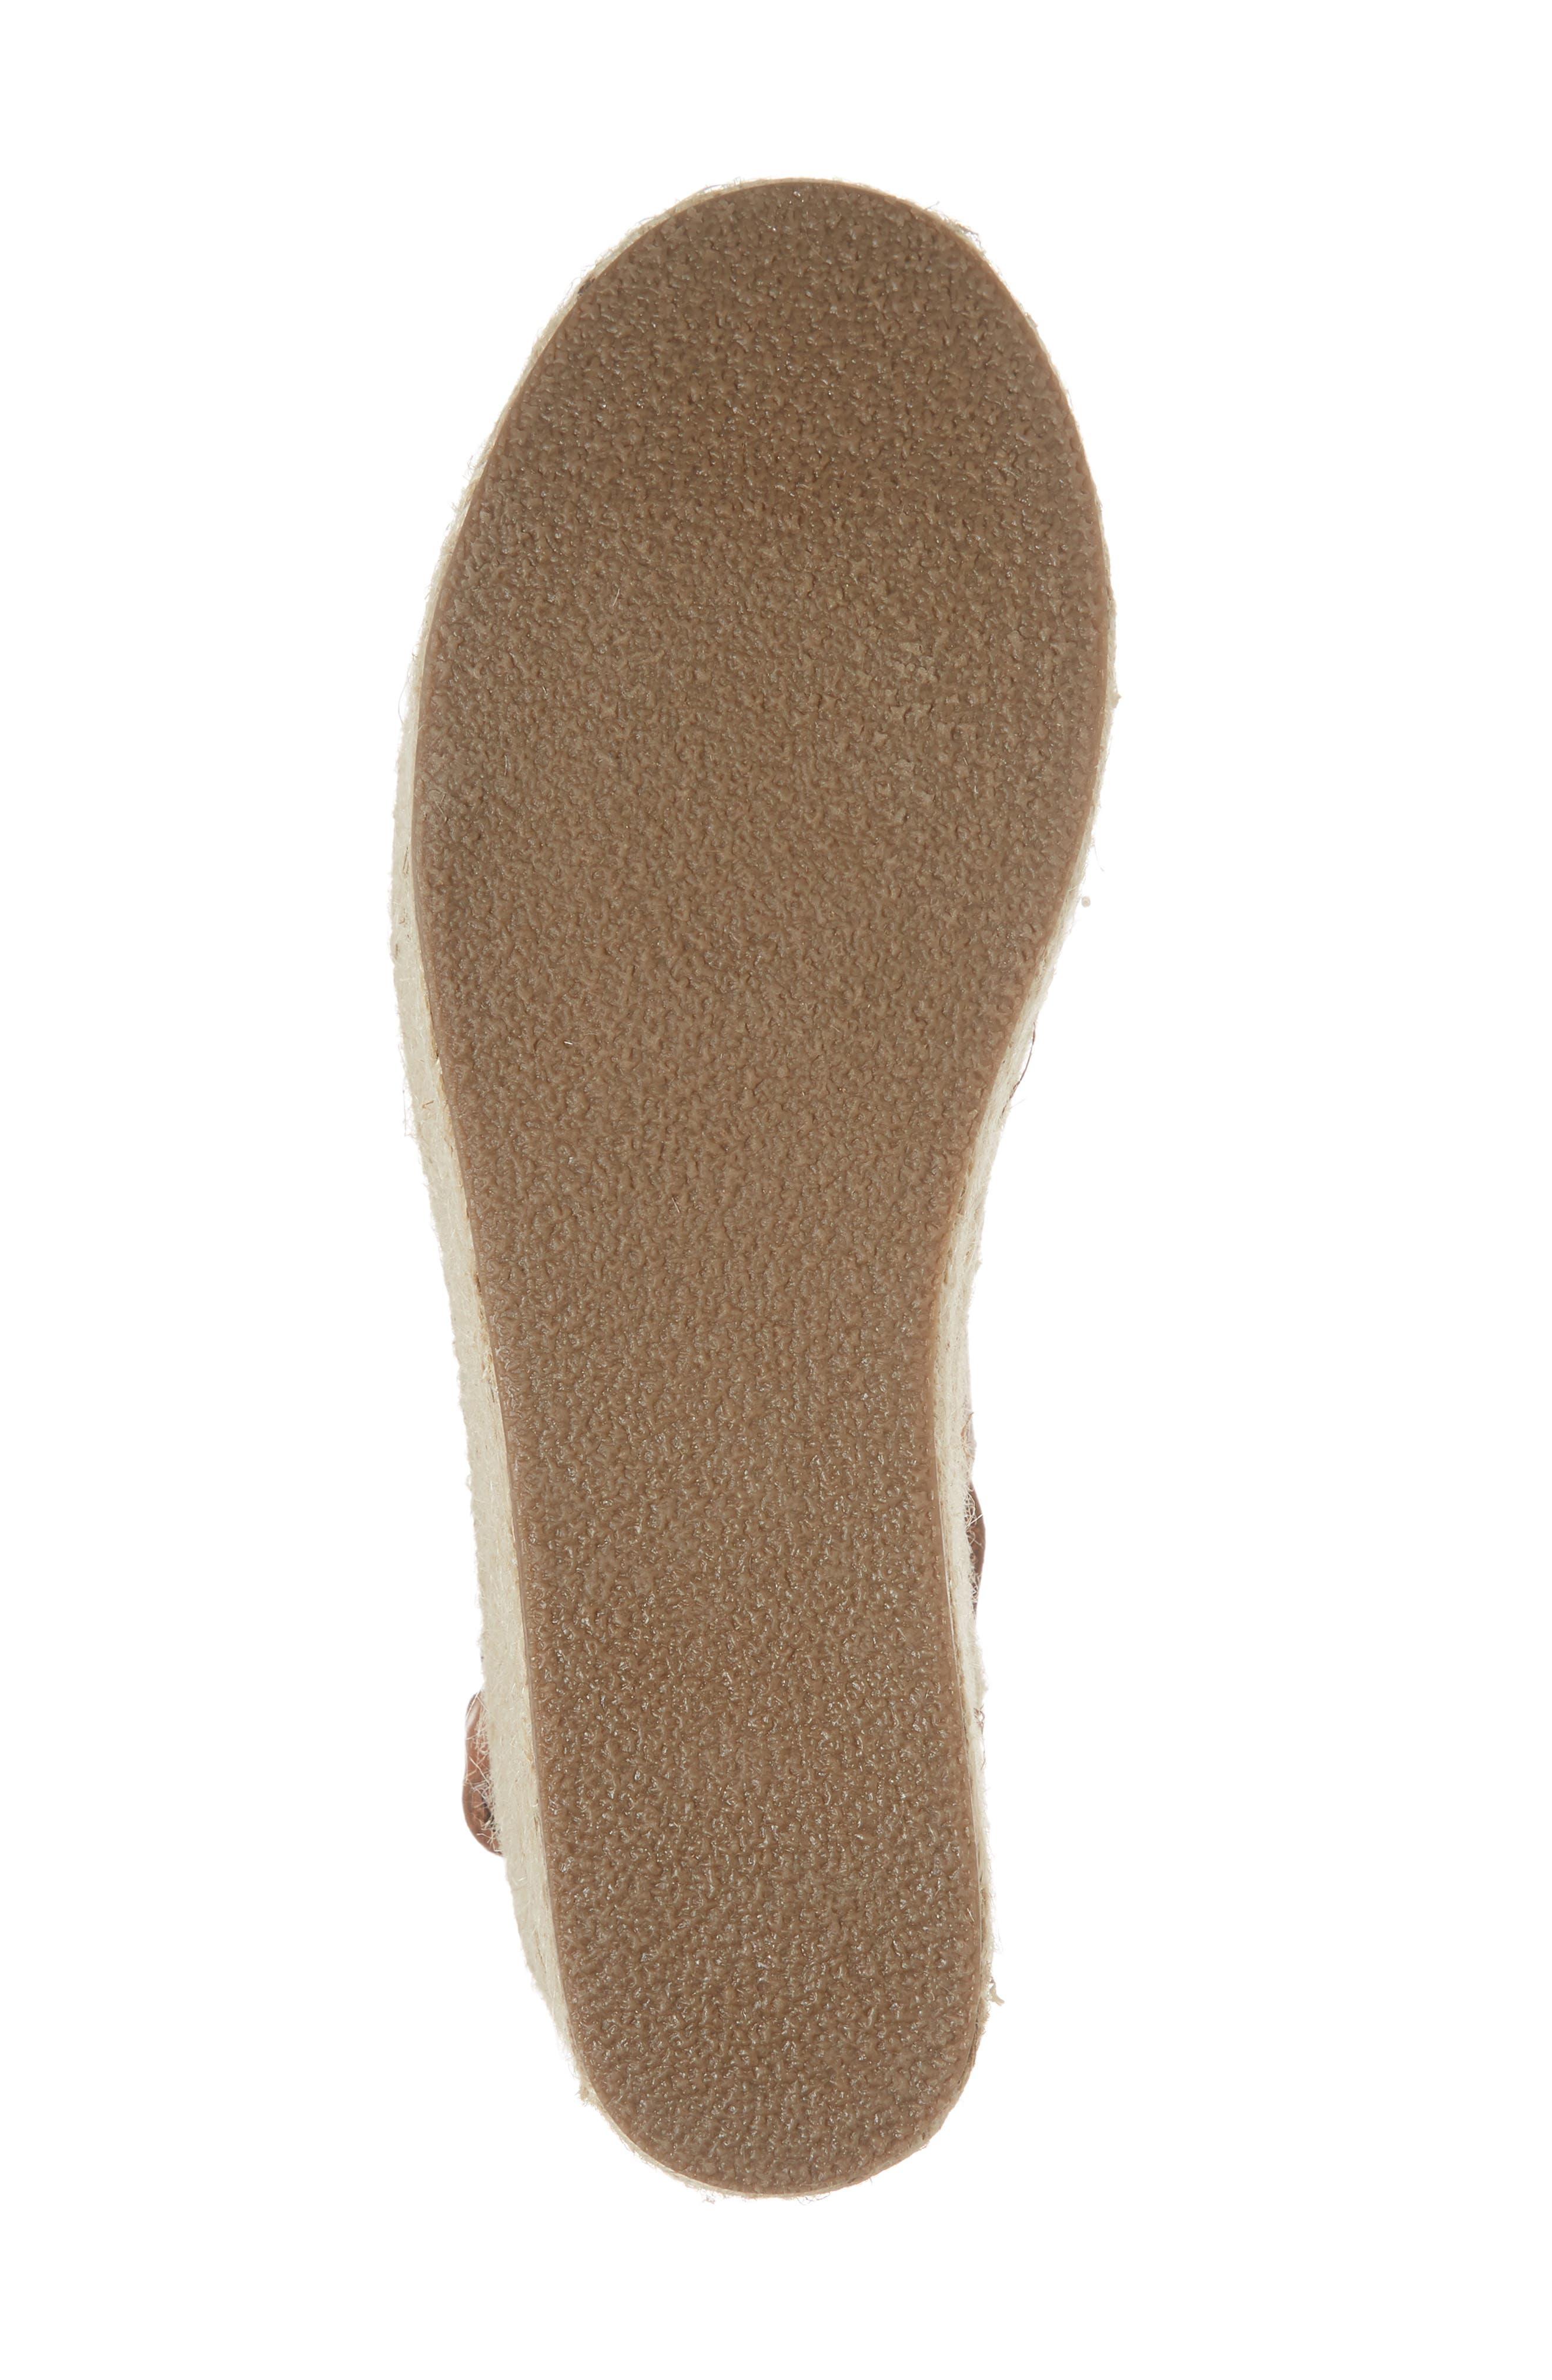 Cali Espadrille Platform Sandal,                             Alternate thumbnail 6, color,                             Cognac Leather